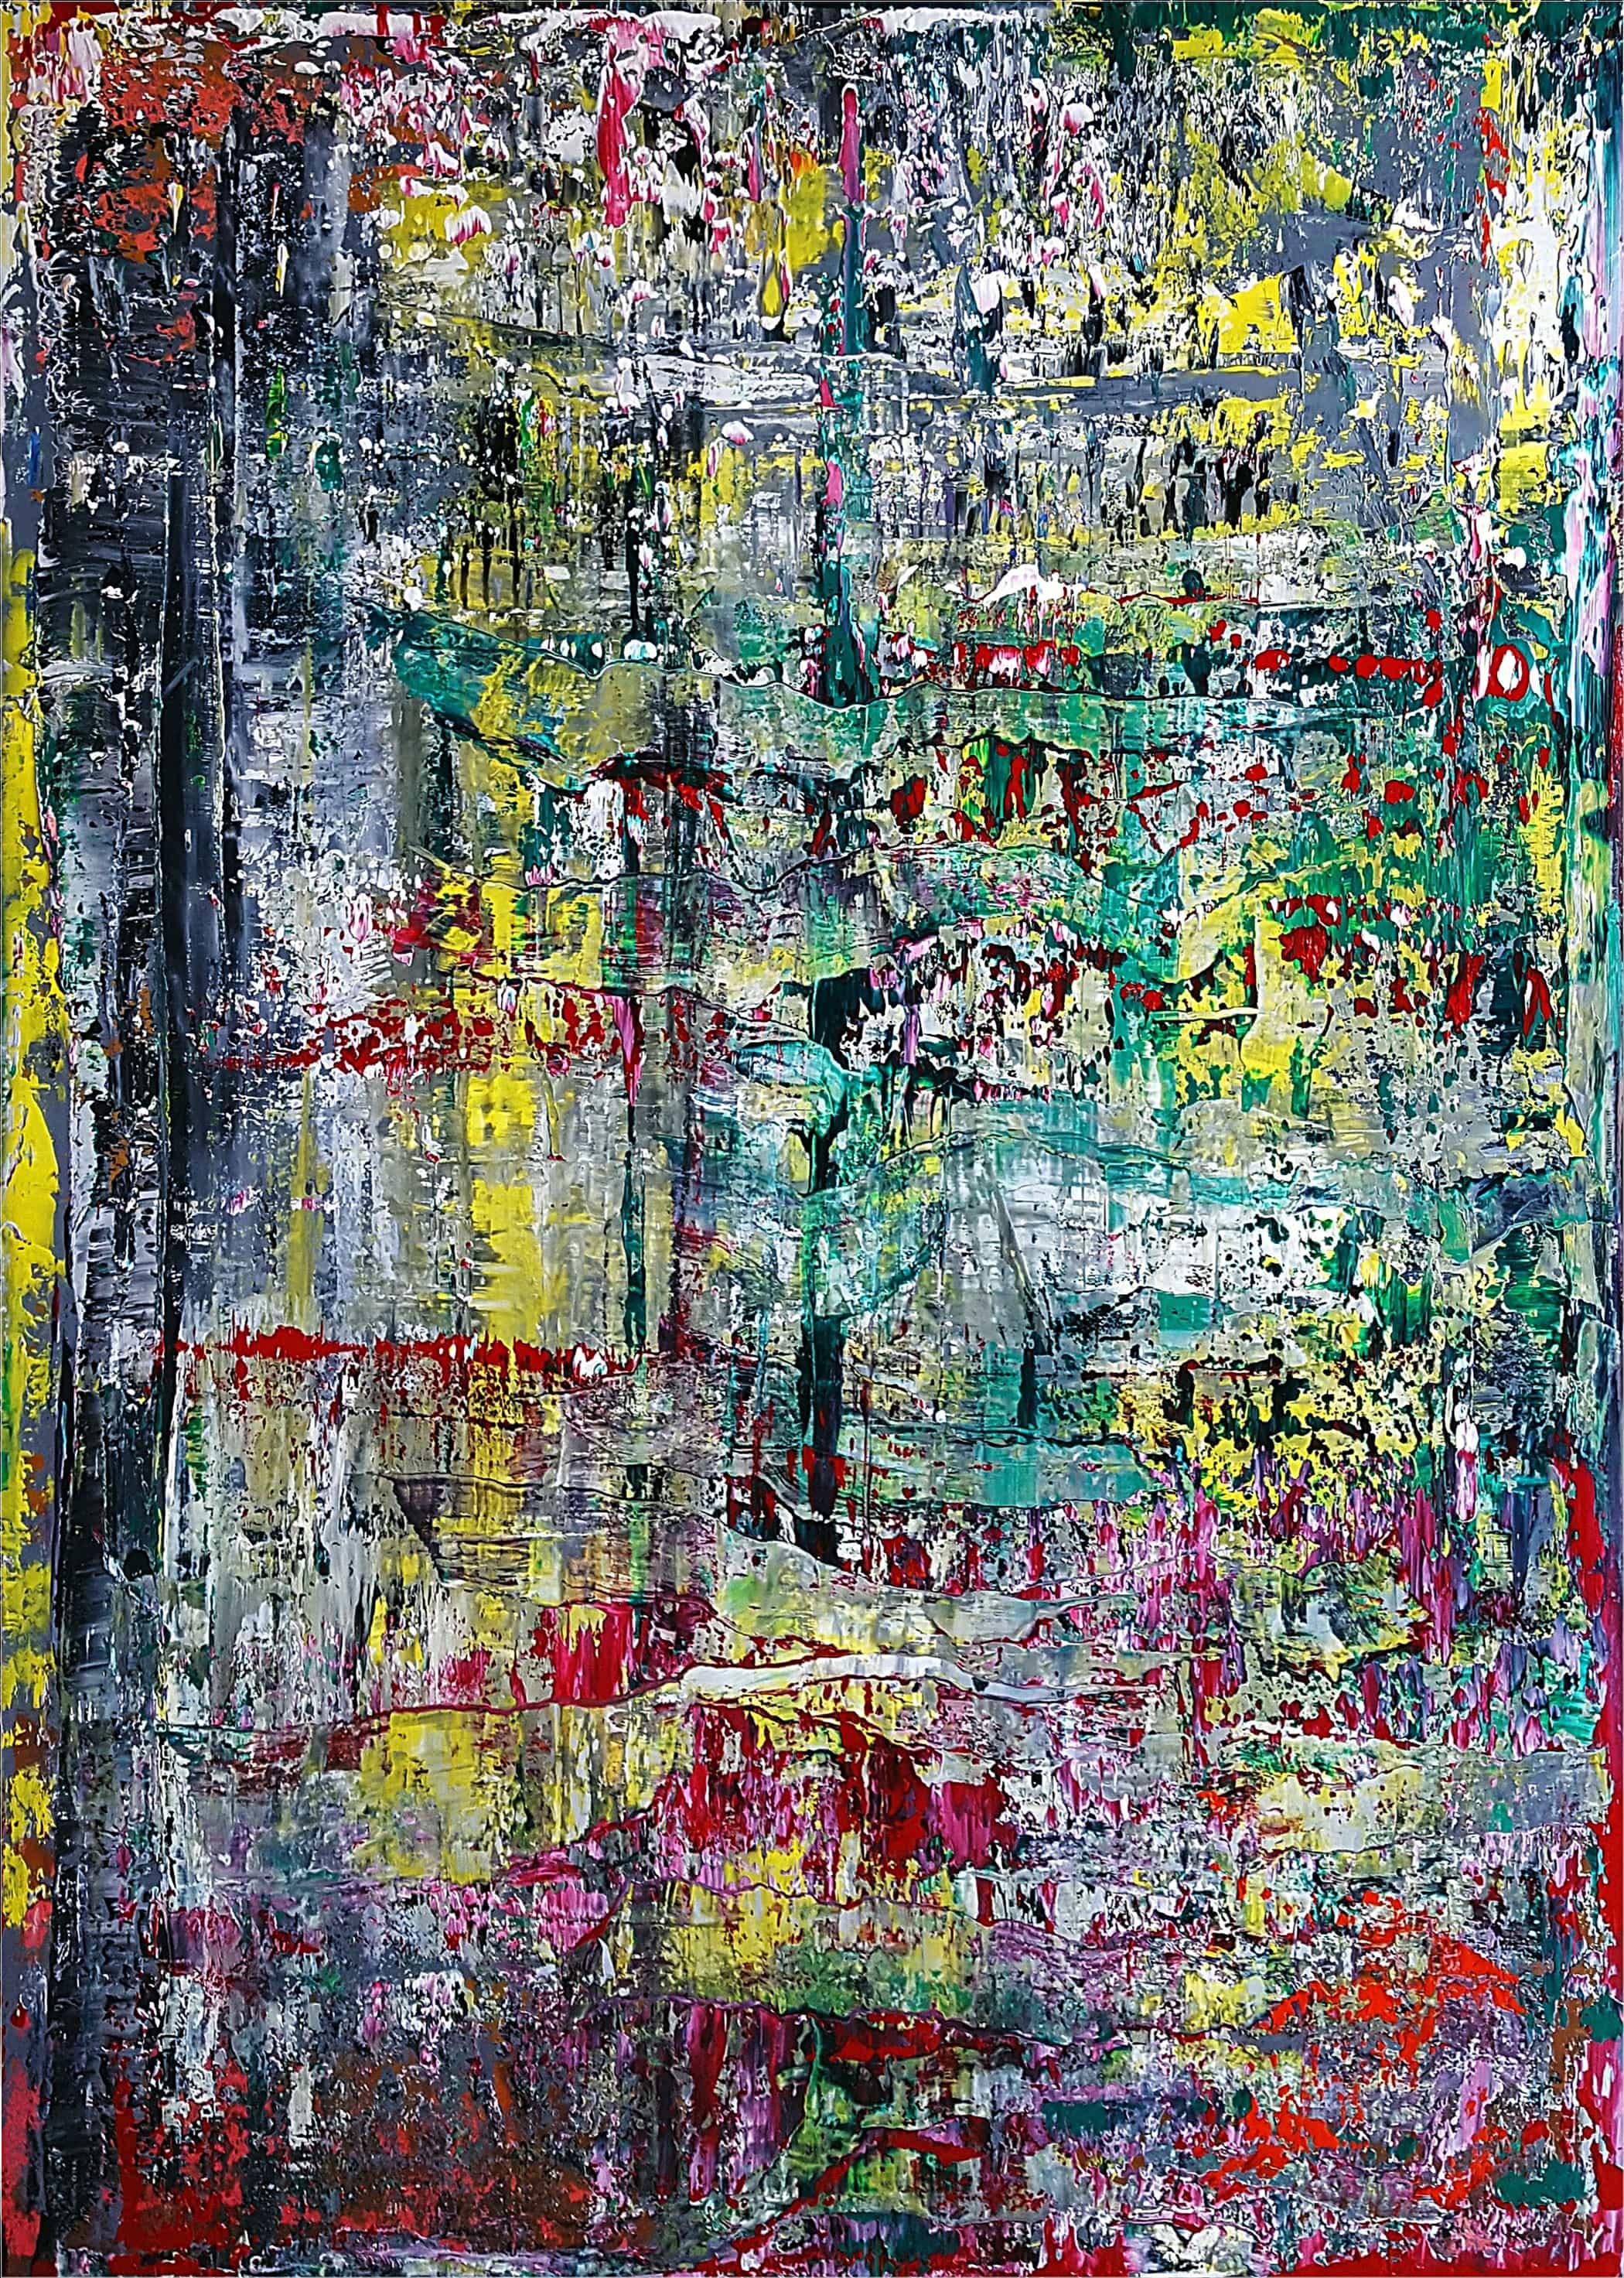 433 - The 4 Blackboard of Art - Tafel 3